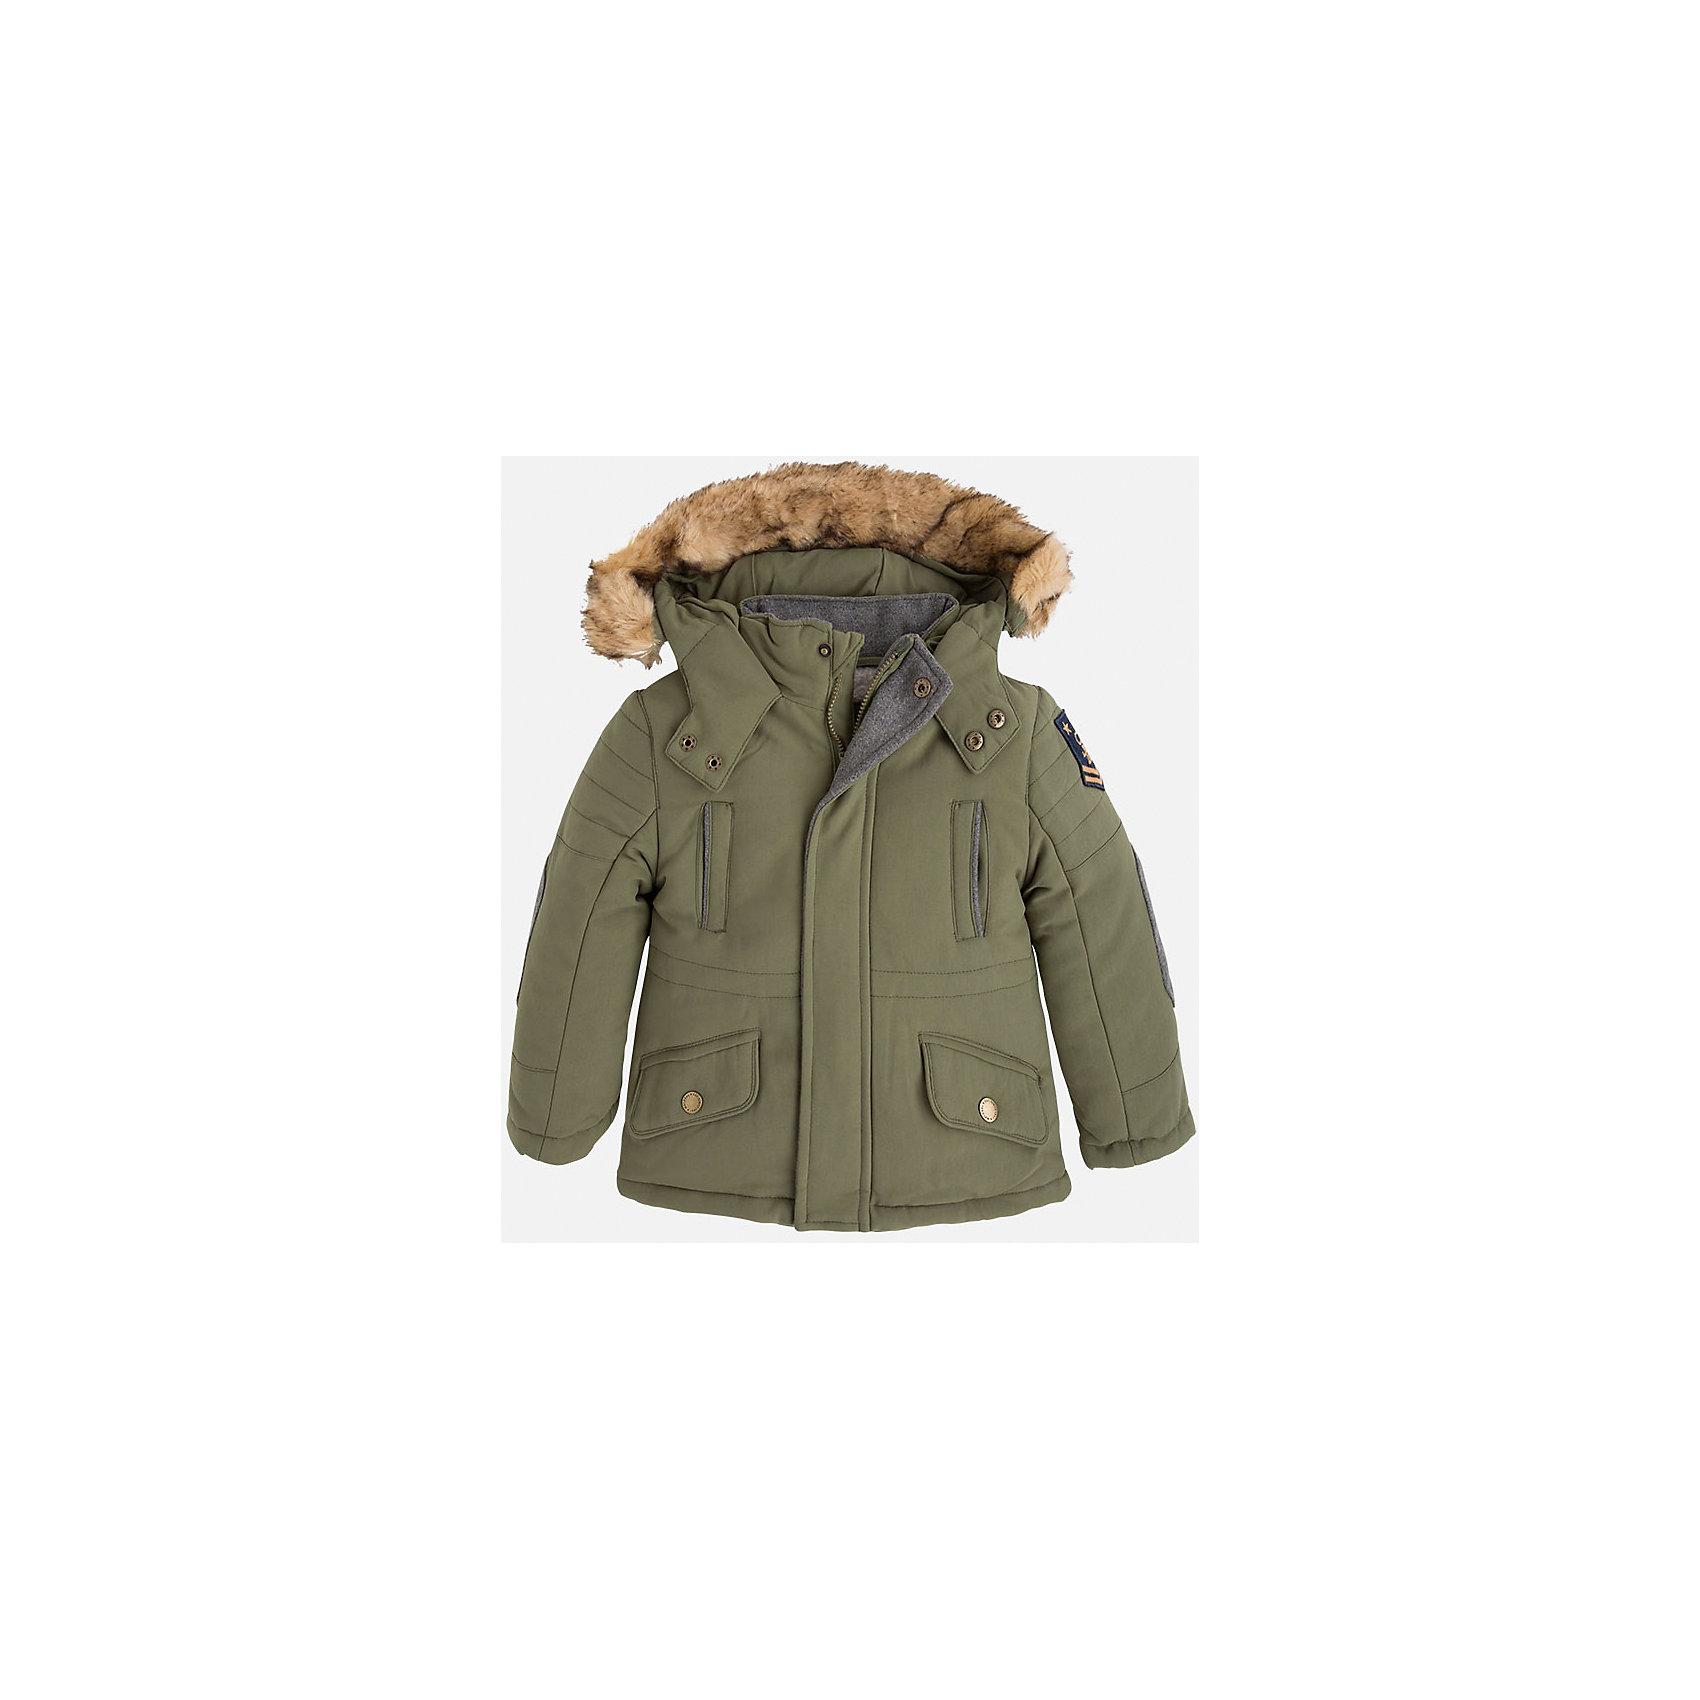 Куртка для мальчика MayoralСтильная осенняя куртка для Вашего модника!<br>Куртка практична и удобна в носке. <br>Порадуйте своего юного модника таким чудесным подарком!<br><br>Дополнительная информация:<br><br>- Крой: прямой крой.<br>- Страна бренда: Испания.<br>- Состав: <br>Верхняя ткань: полиэстер 100%.<br>Подкладка: полиэстер 100%.<br>Наполнитель: полиэстер 100%.<br>- Цвет: защитный.<br>- Уход: бережная стирка при 30 градусах.<br><br>Купить куртку для мальчика Mayoral можно в нашем магазине.<br><br>Ширина мм: 356<br>Глубина мм: 10<br>Высота мм: 245<br>Вес г: 519<br>Цвет: хаки<br>Возраст от месяцев: 36<br>Возраст до месяцев: 48<br>Пол: Мужской<br>Возраст: Детский<br>Размер: 104,110,116,122,128,134,98,92<br>SKU: 4822026